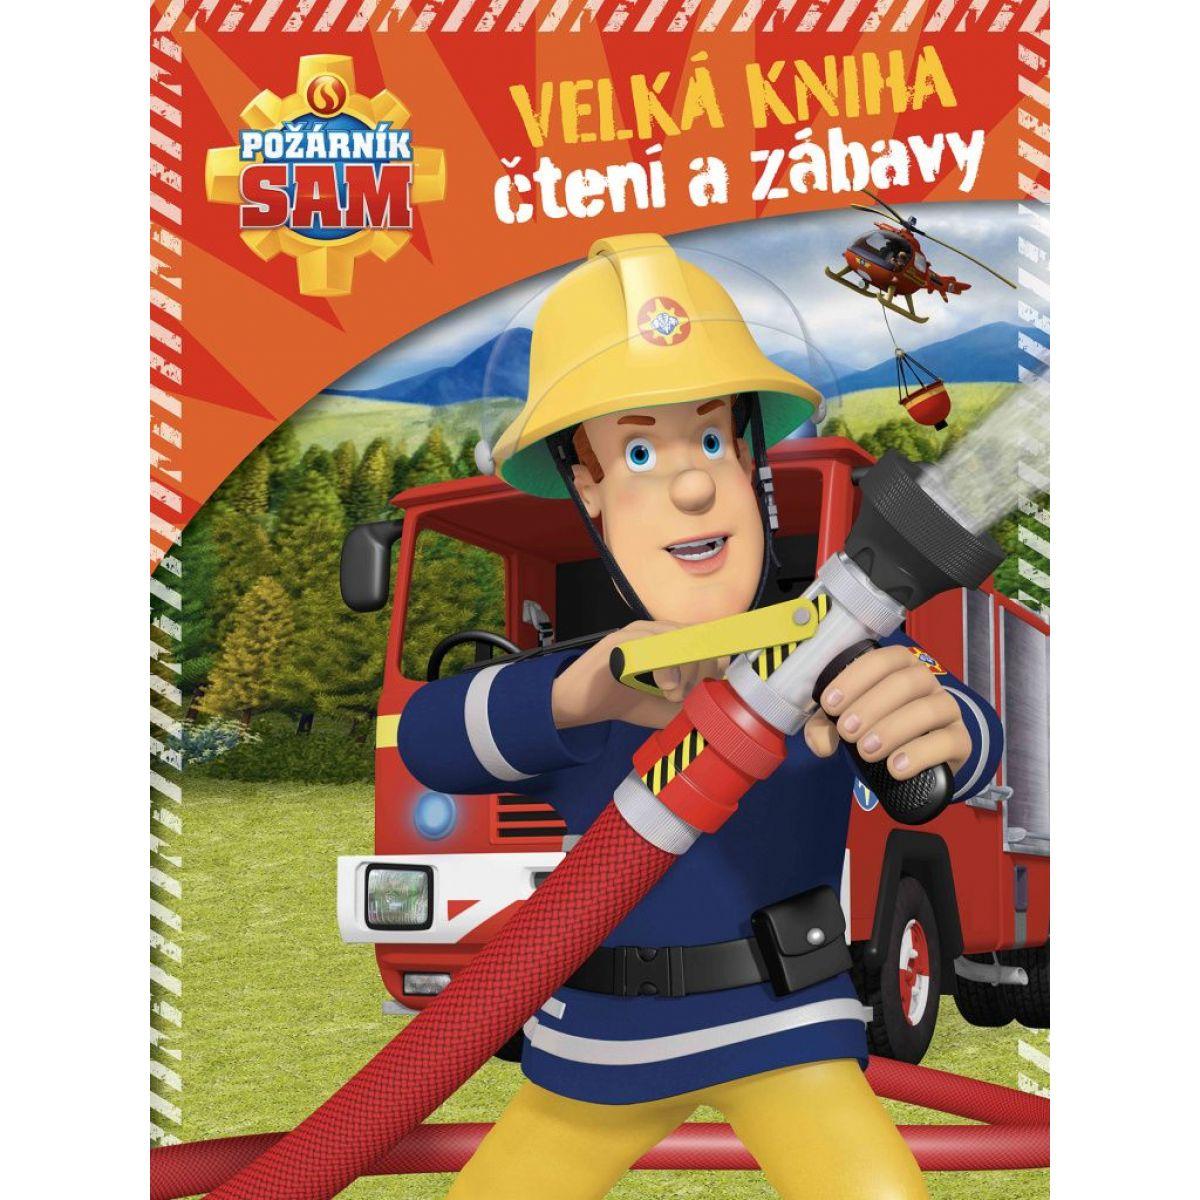 Požiarnik Sam Velká kniha čítanie a zábavy